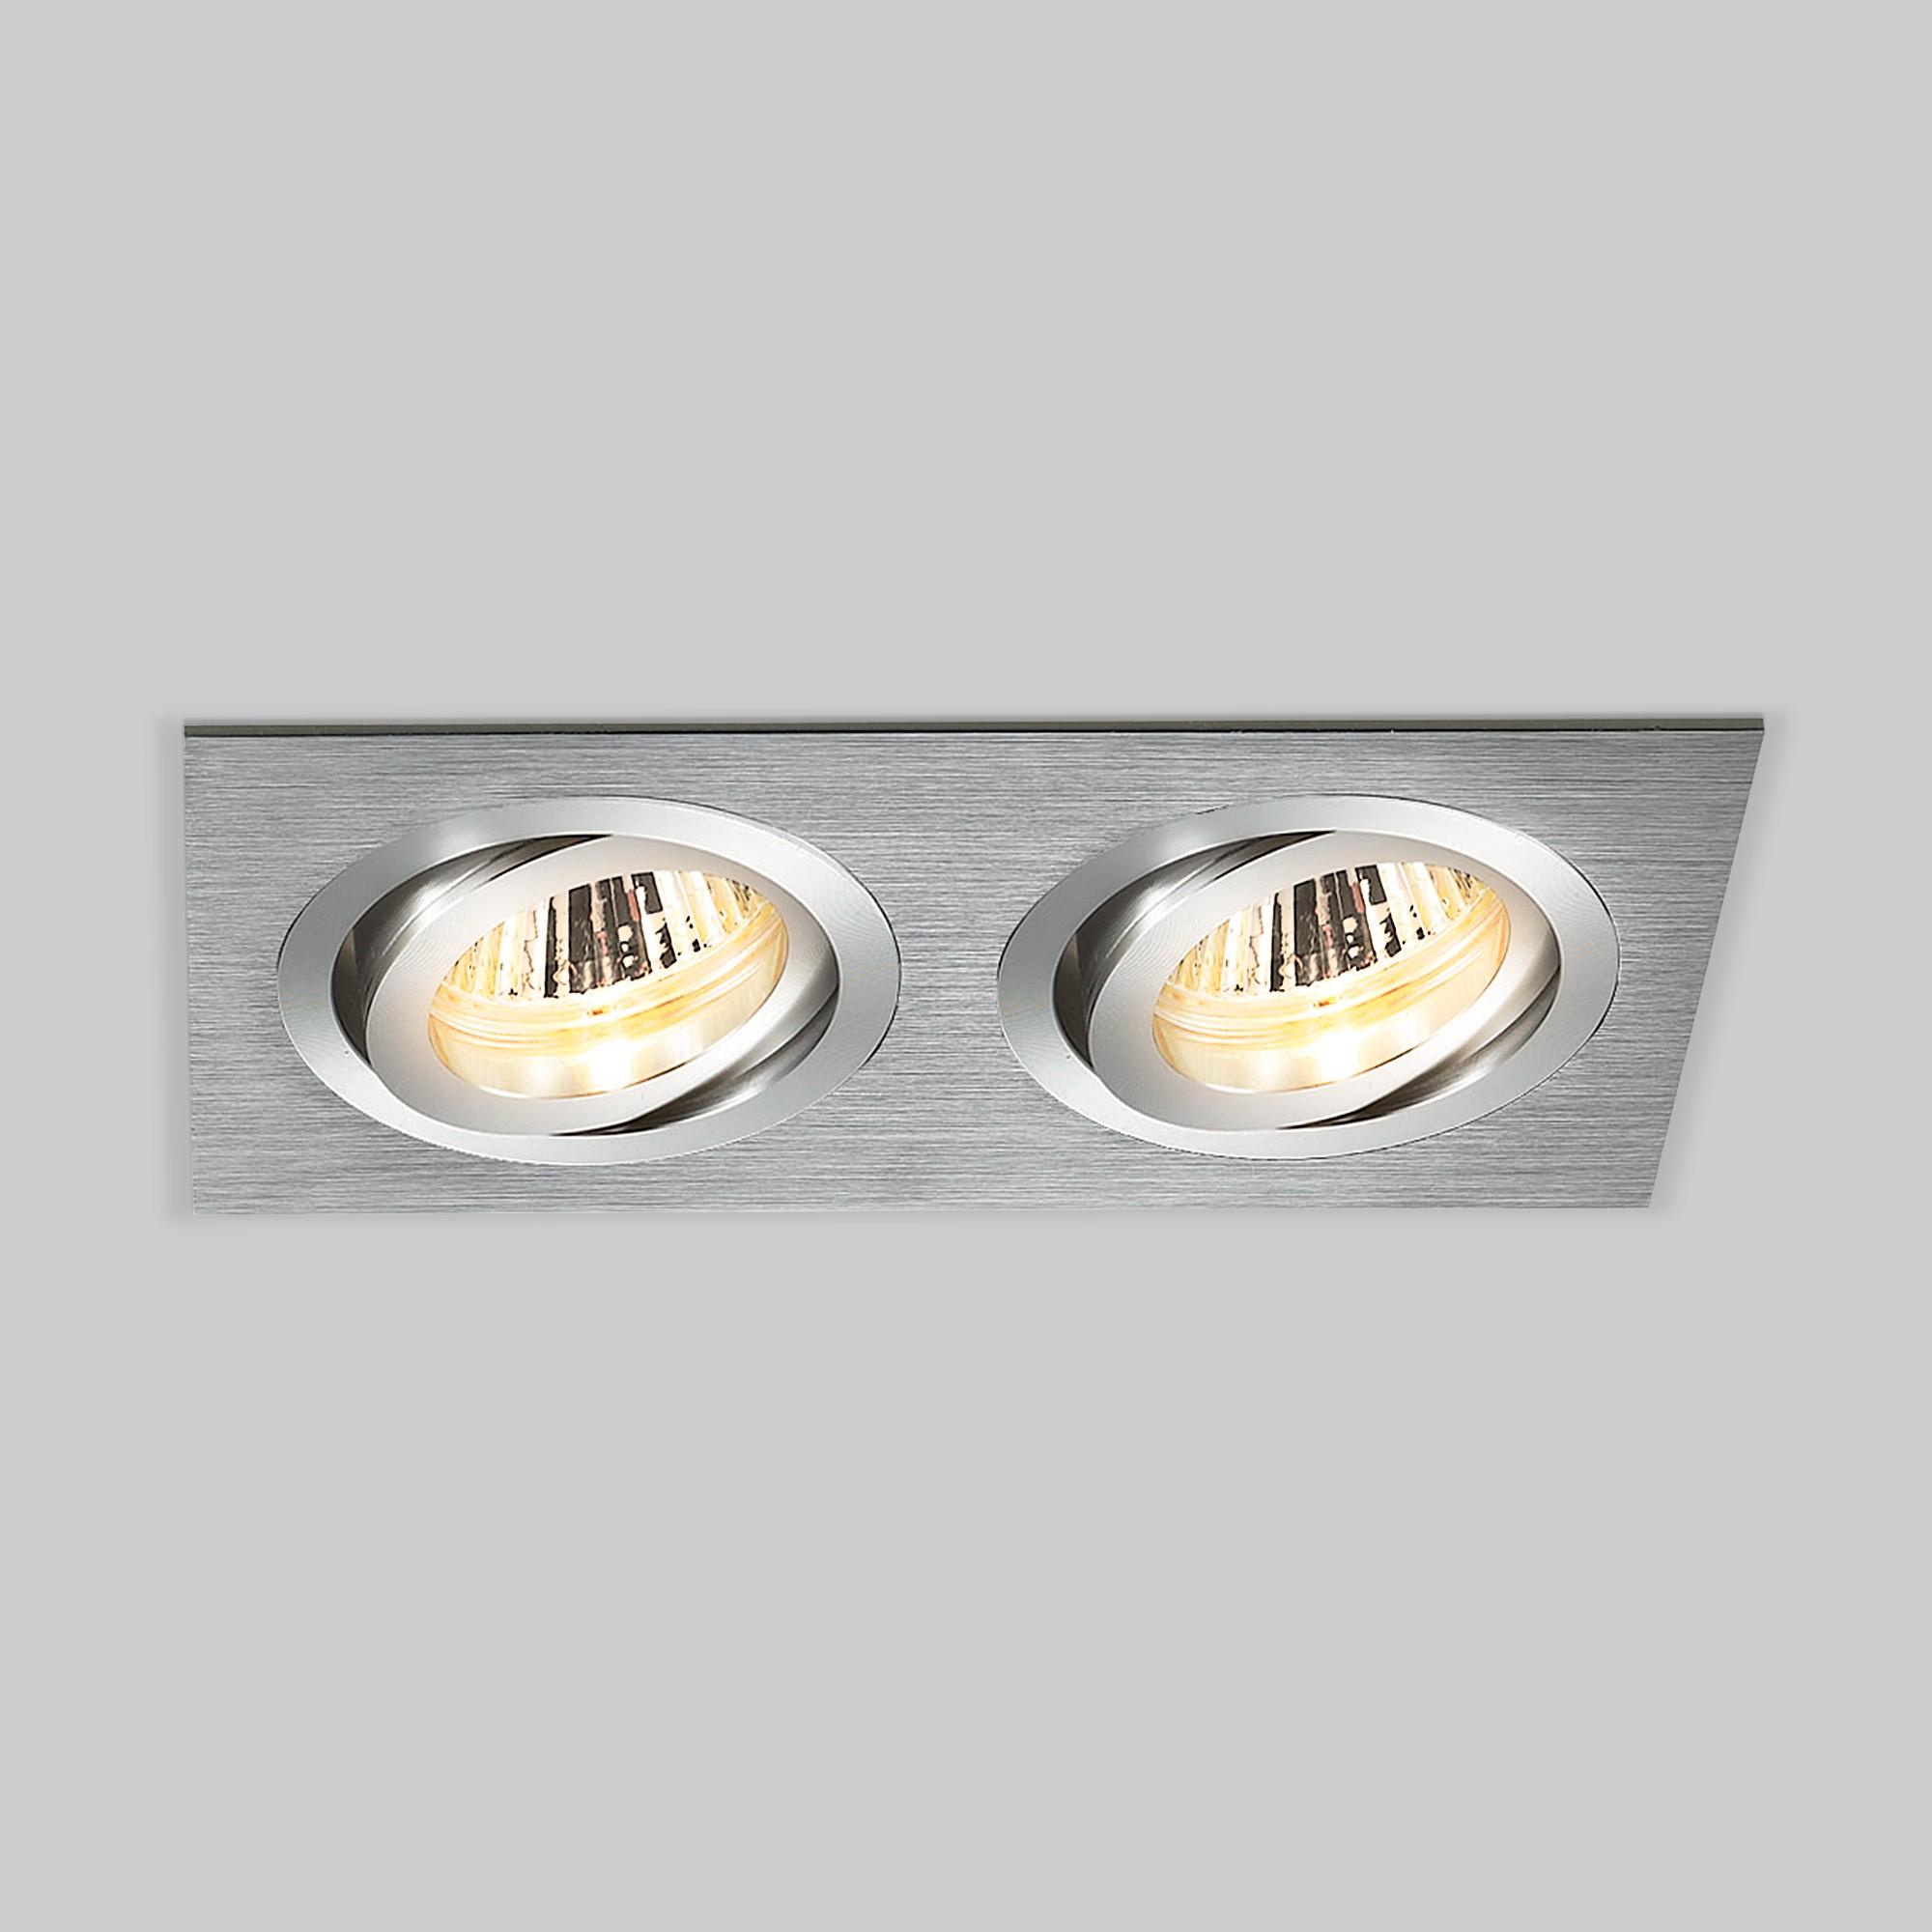 Фото Встраиваемый светильник Elektrostandard 1011 a029903